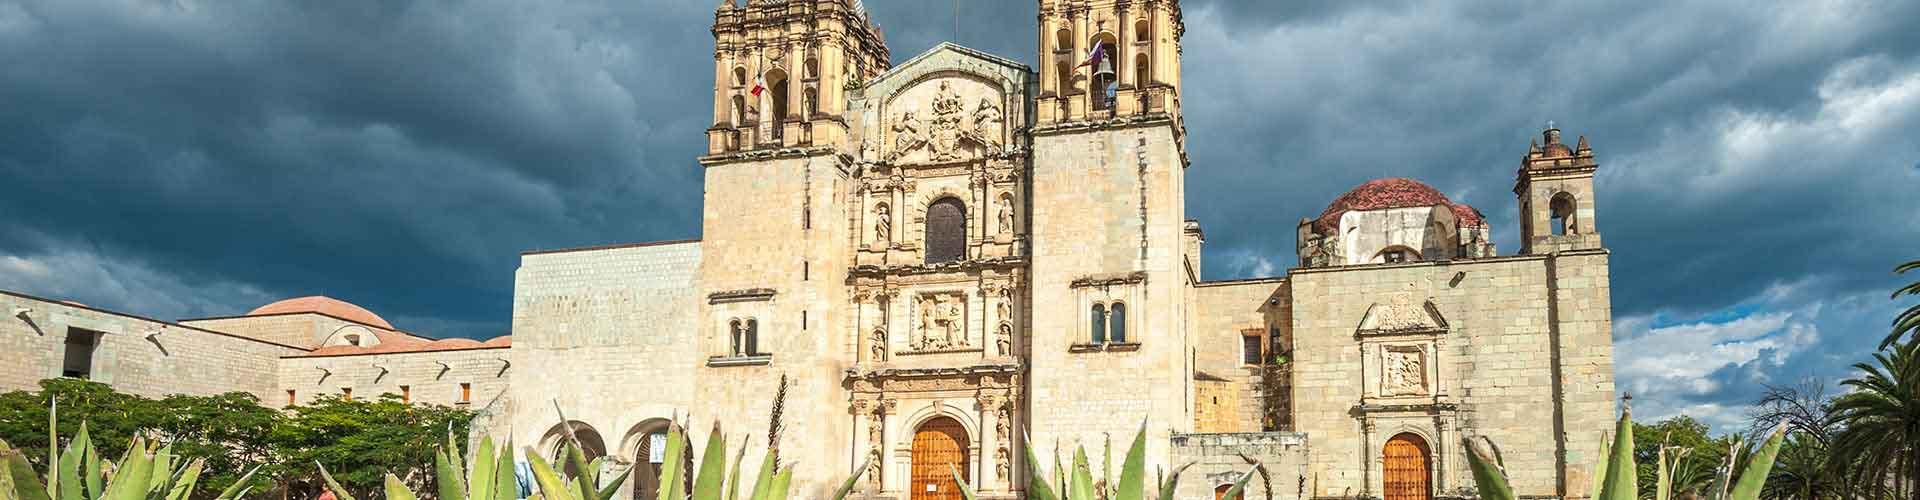 Oaxaca - Chambres à Oaxaca. Cartes pour Oaxaca, photos et commentaires pour chaque chambre à Oaxaca.